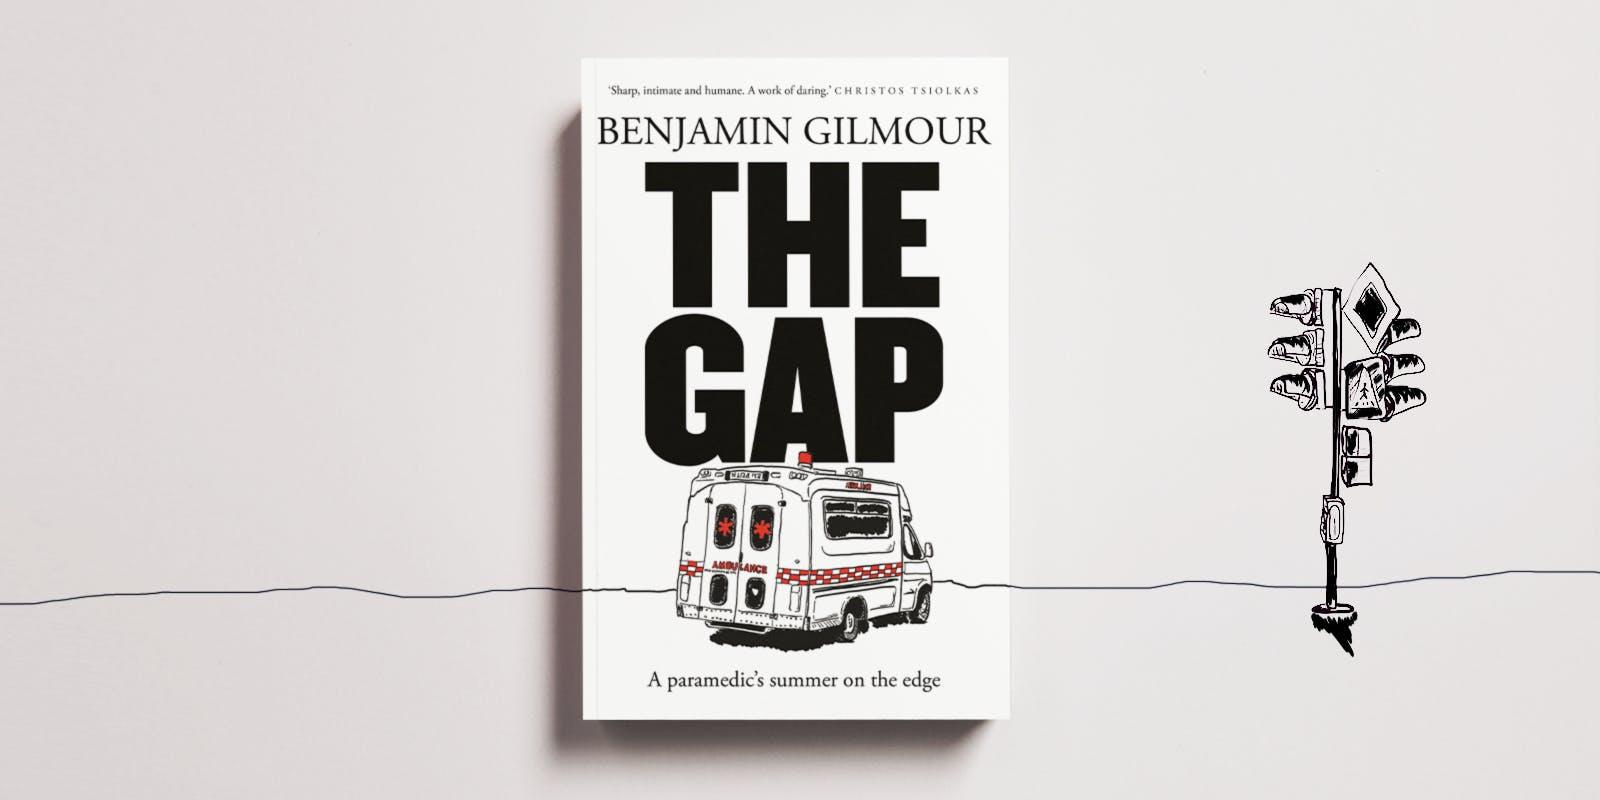 Benjamin Gilmour's paramedic top 5s